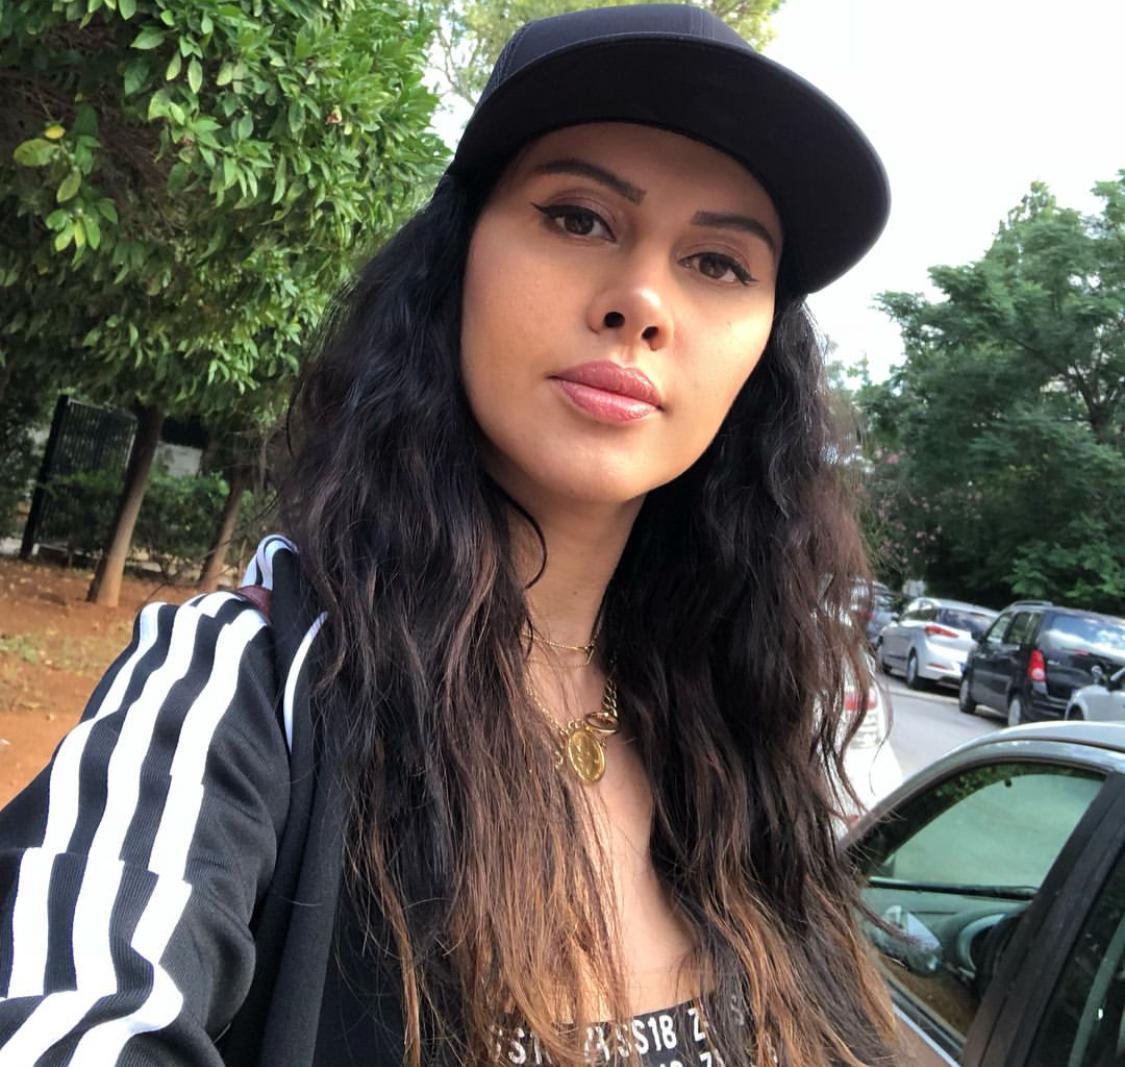 ياسمين رئيس بتسريحة الشعر المجعد -الصورة من حسابها على الانستغرام